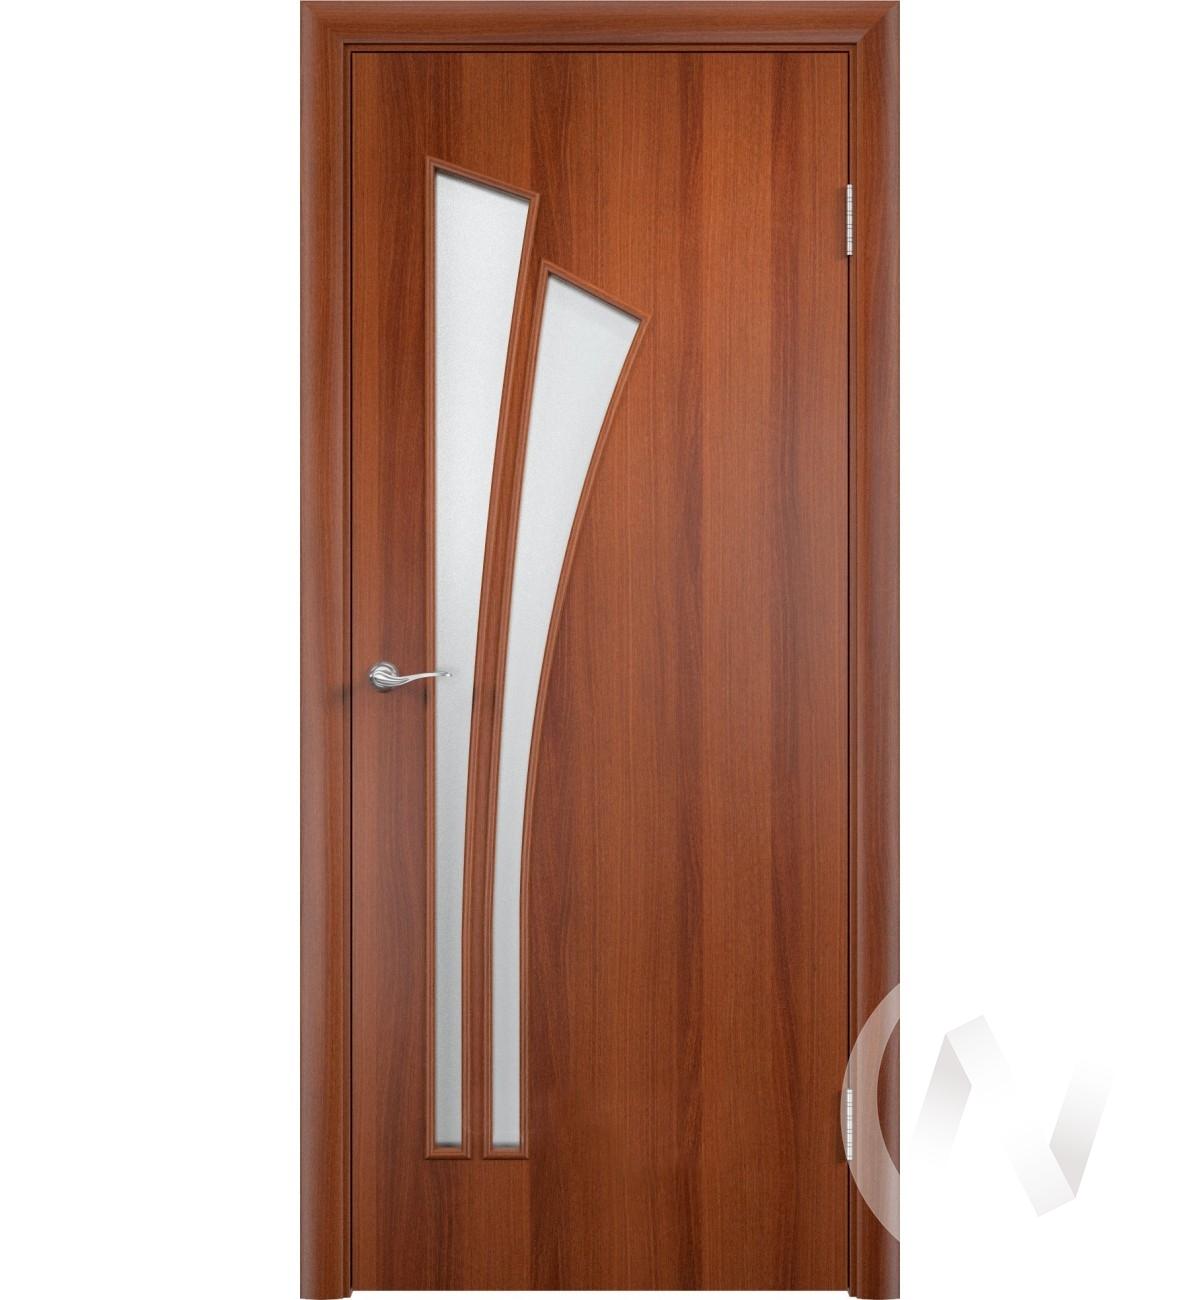 """Дверь ламинированная Тип """"Лагуна"""", 60, ост, итальянский орех, стекло матовое"""